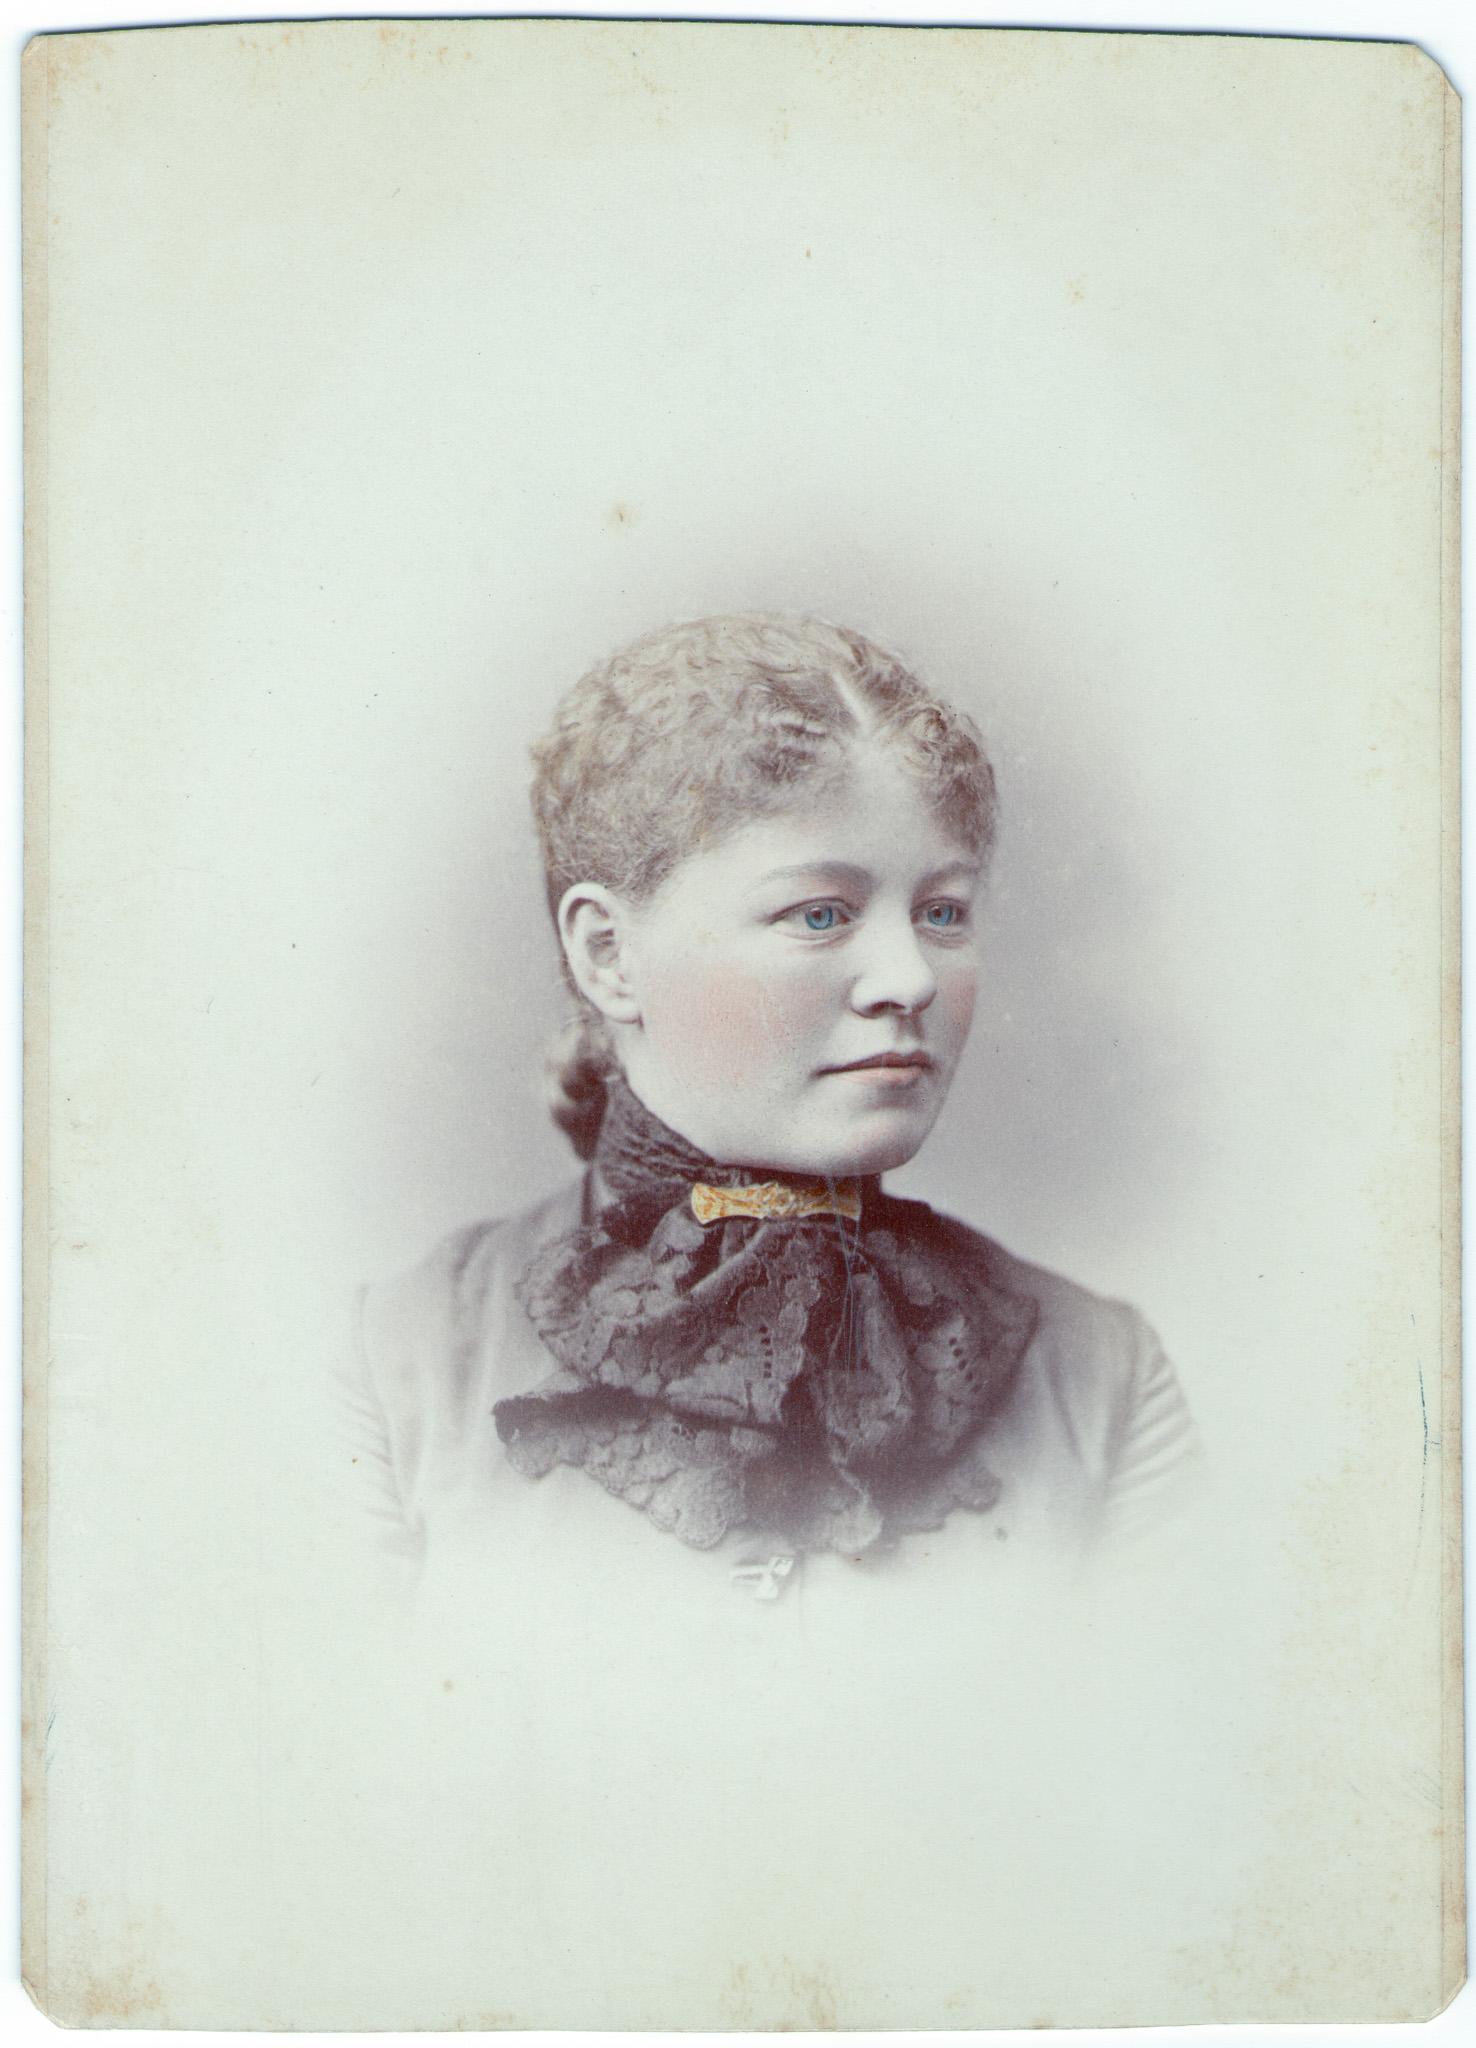 Lizzie Davis